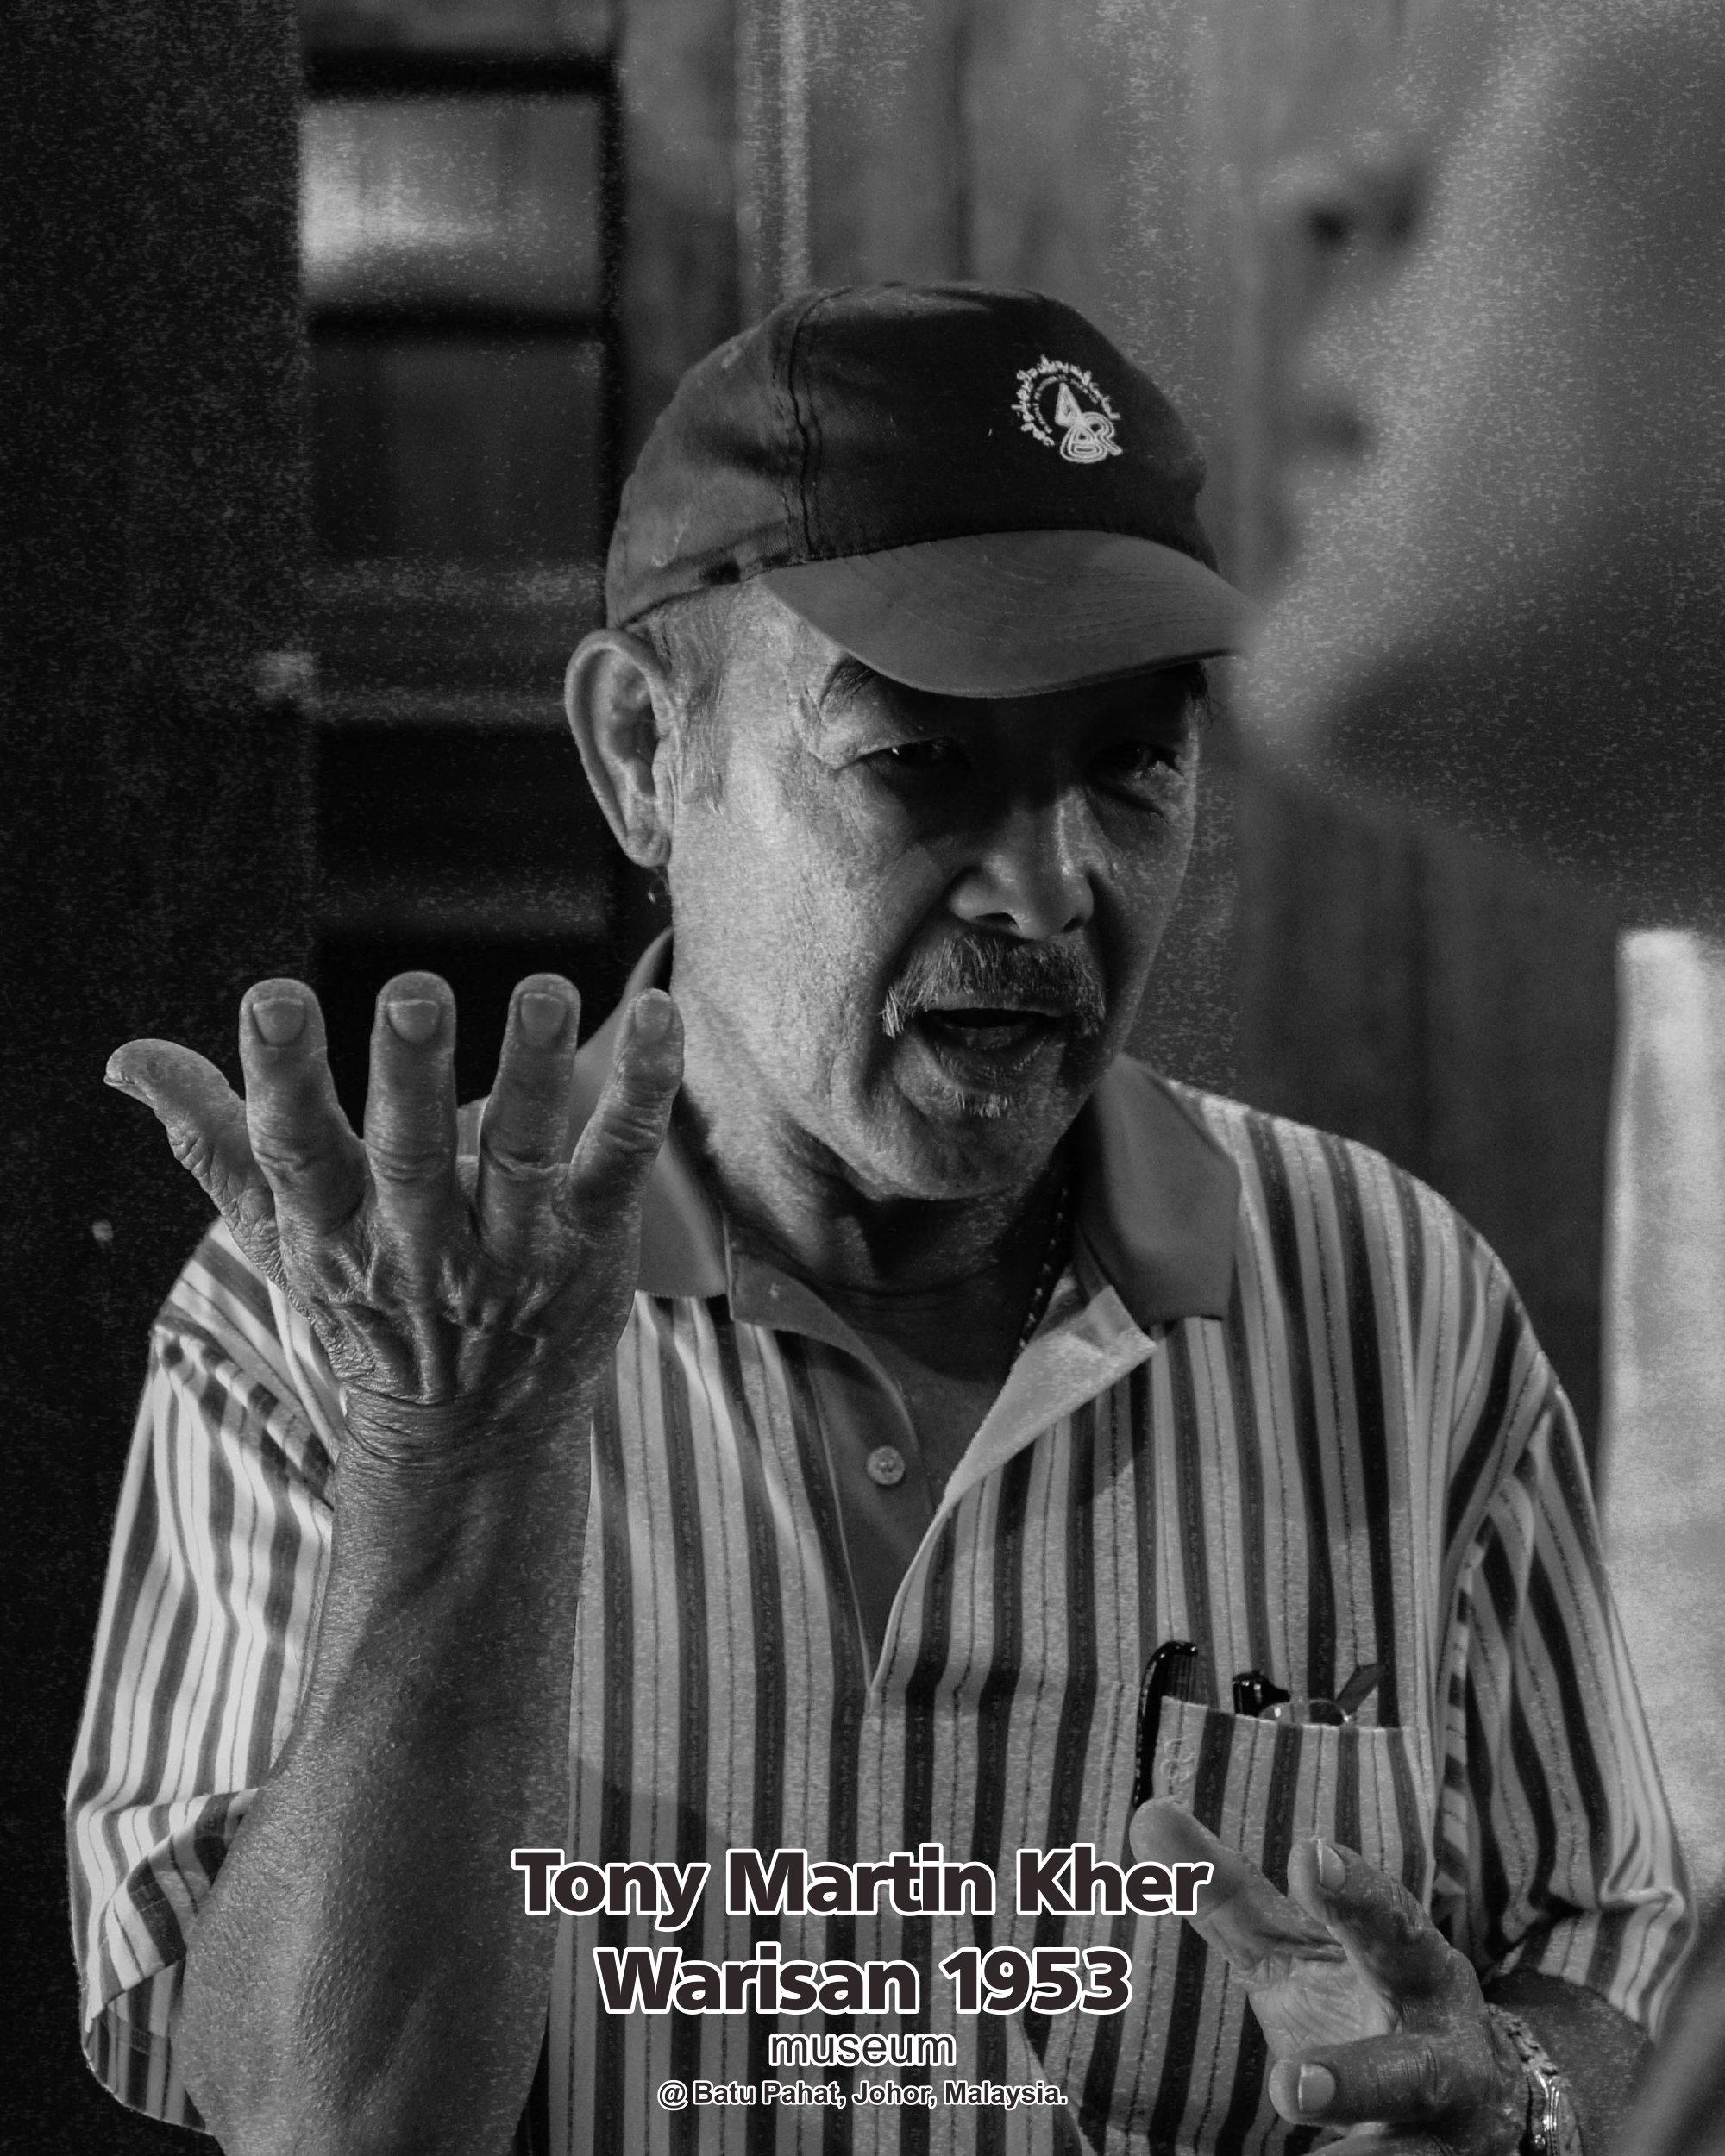 Tony Martin Kher founder of Warisan 1953 Museum at Batu Pahat Johor Malaysia Heritage 1953 Artist Joey Kher A11